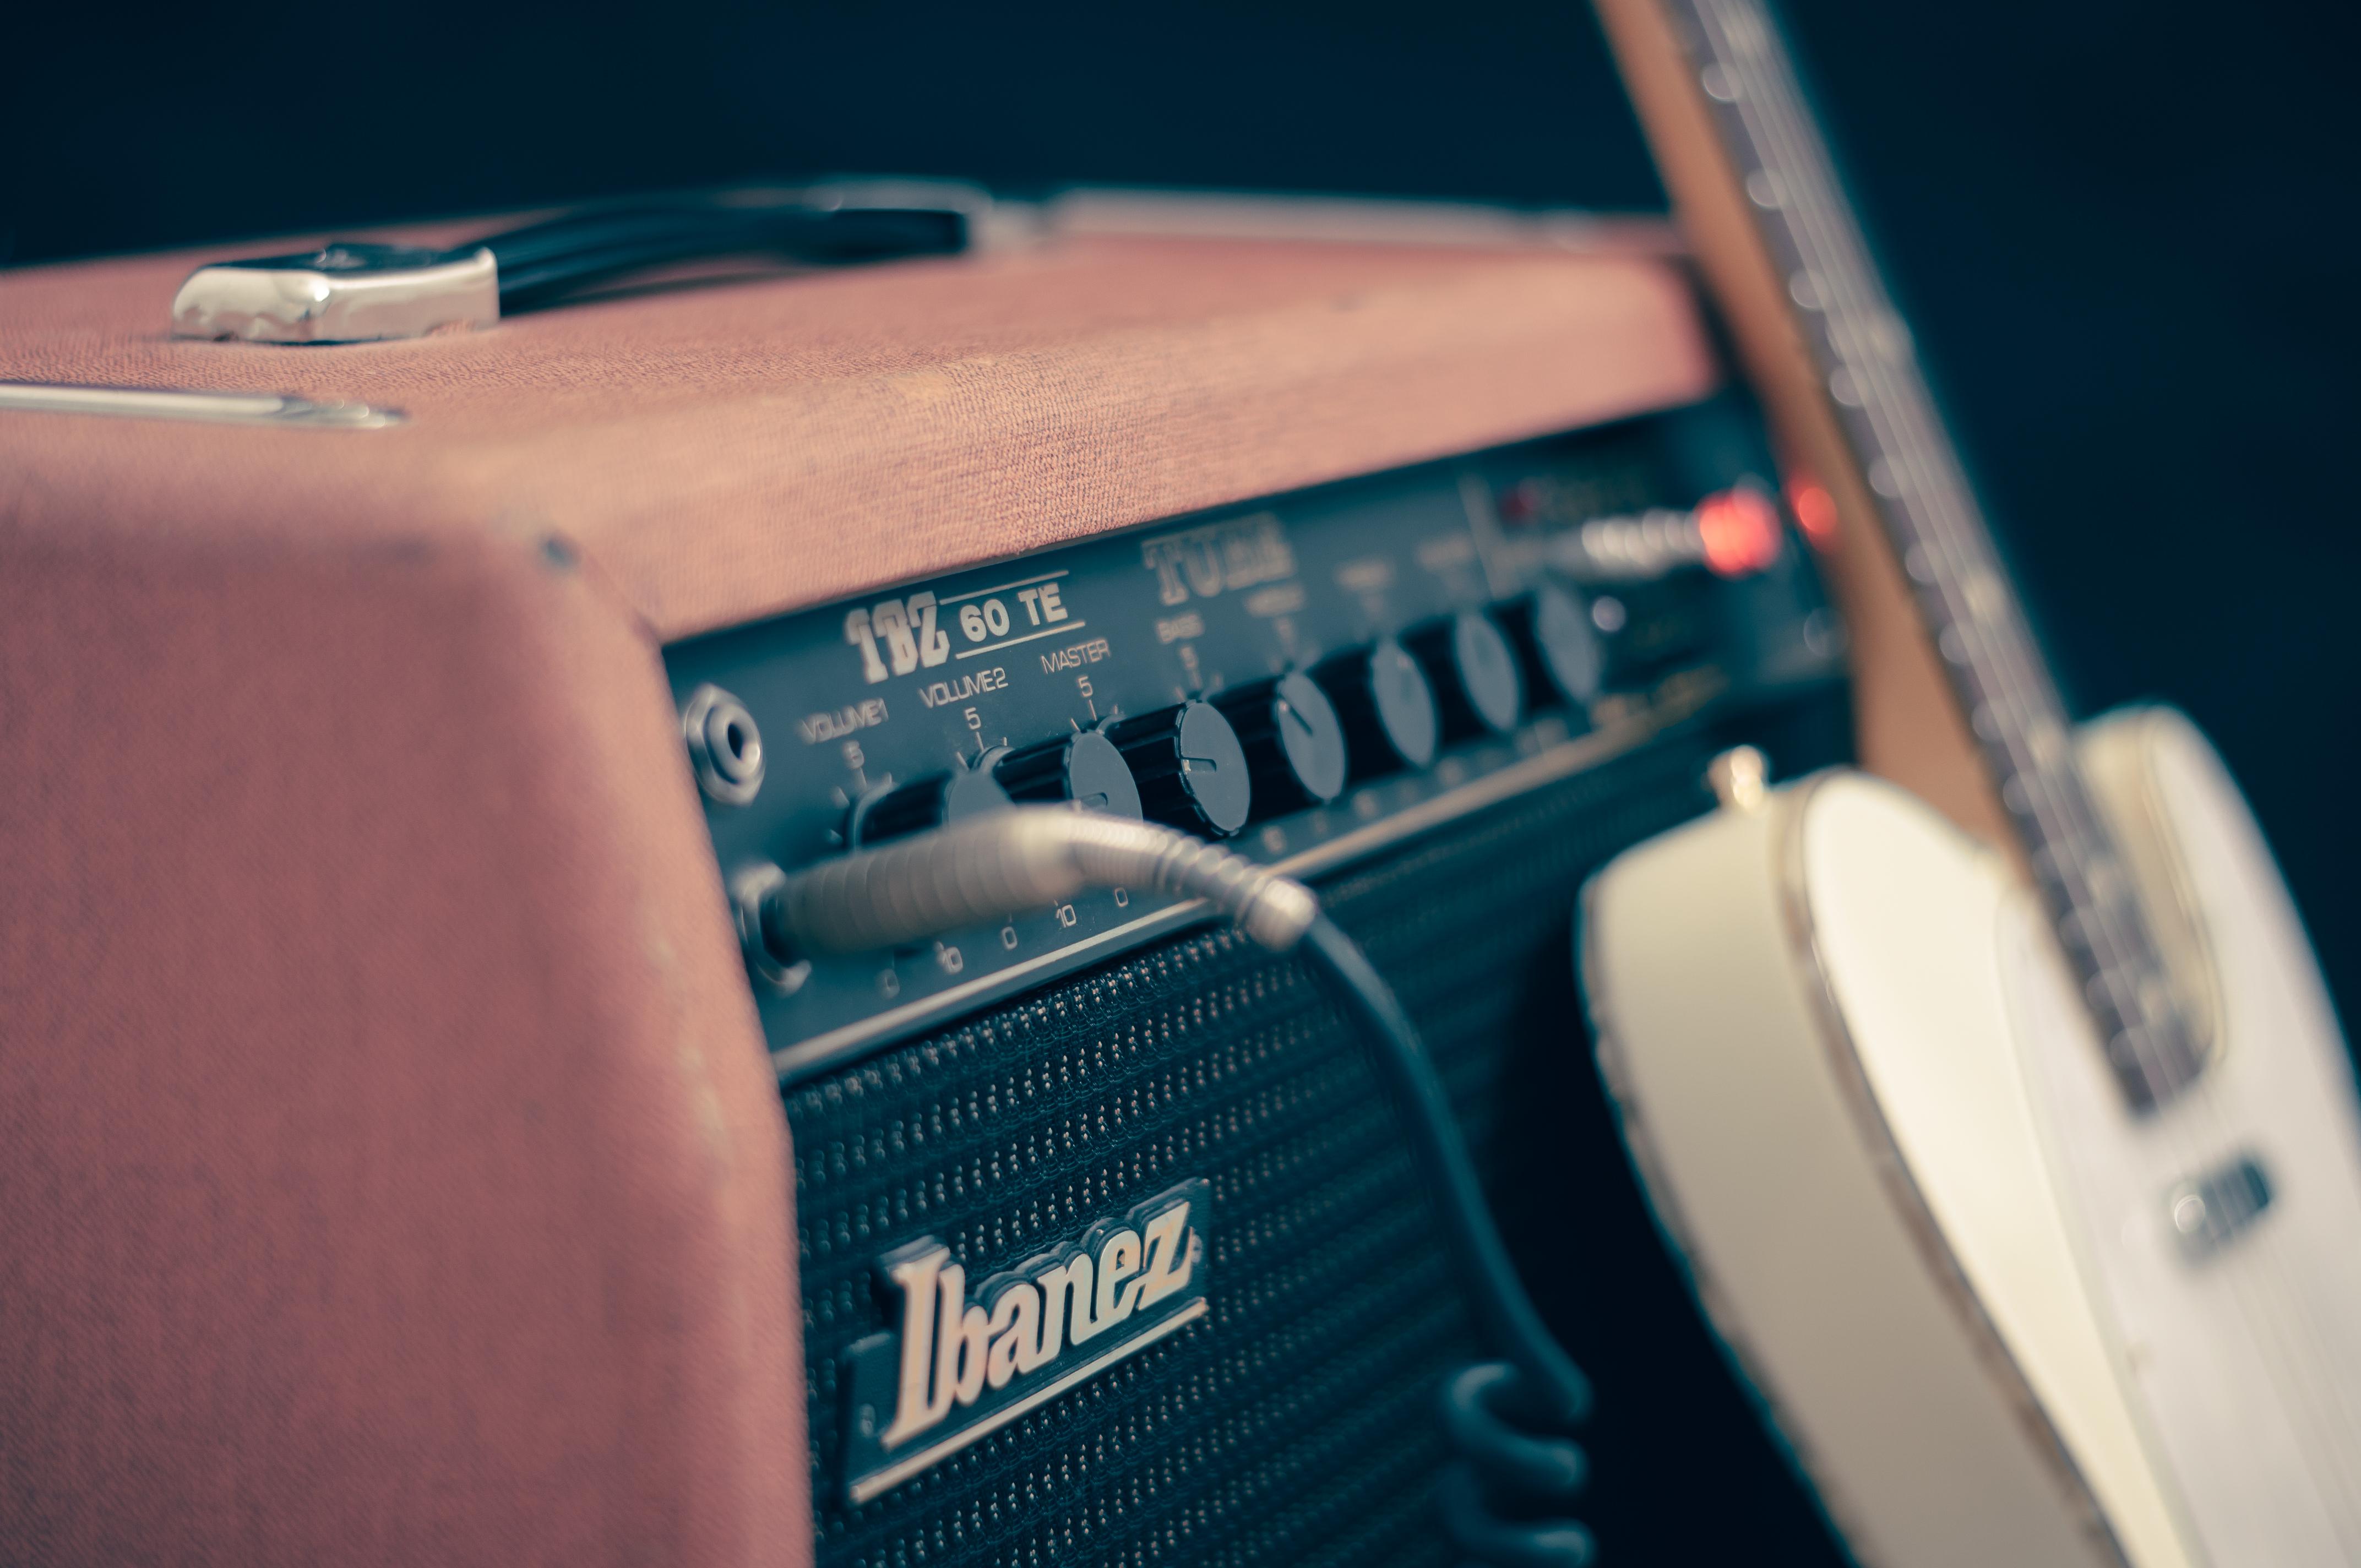 A guitar resting on an amplifier